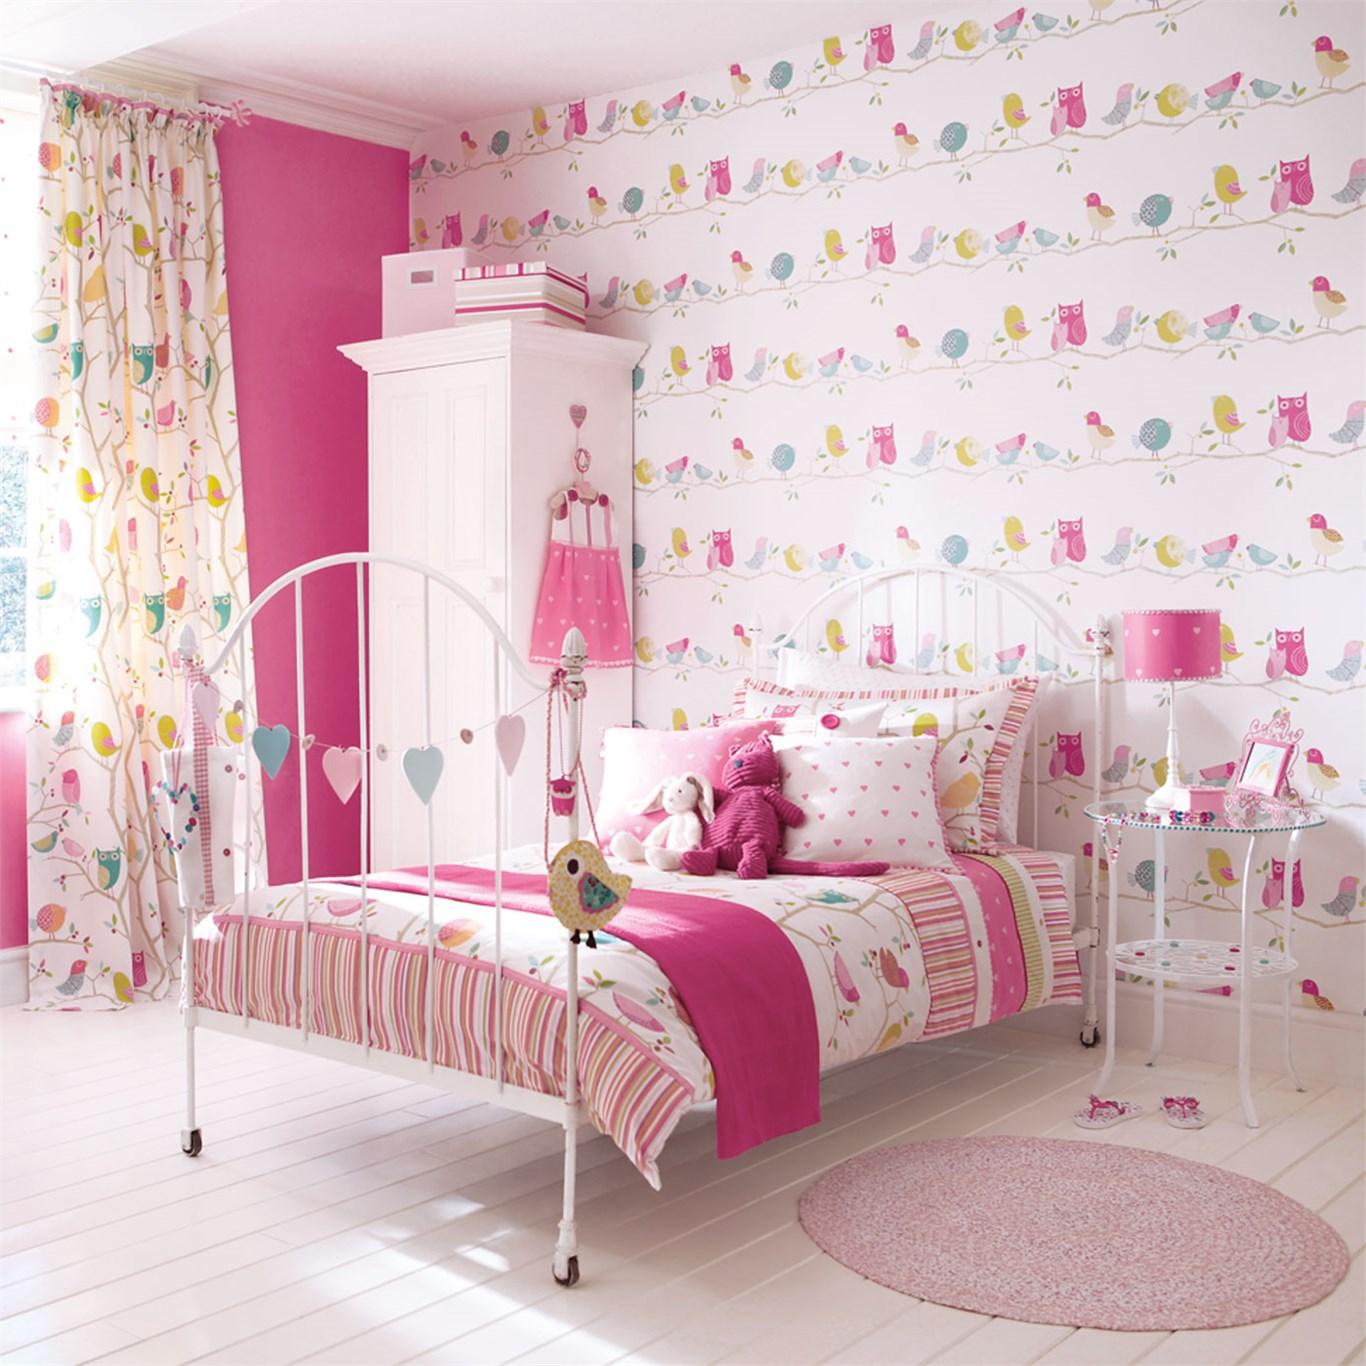 Papeles pintados para los peques amantes de los animales Papeles vinilicos para dormitorios